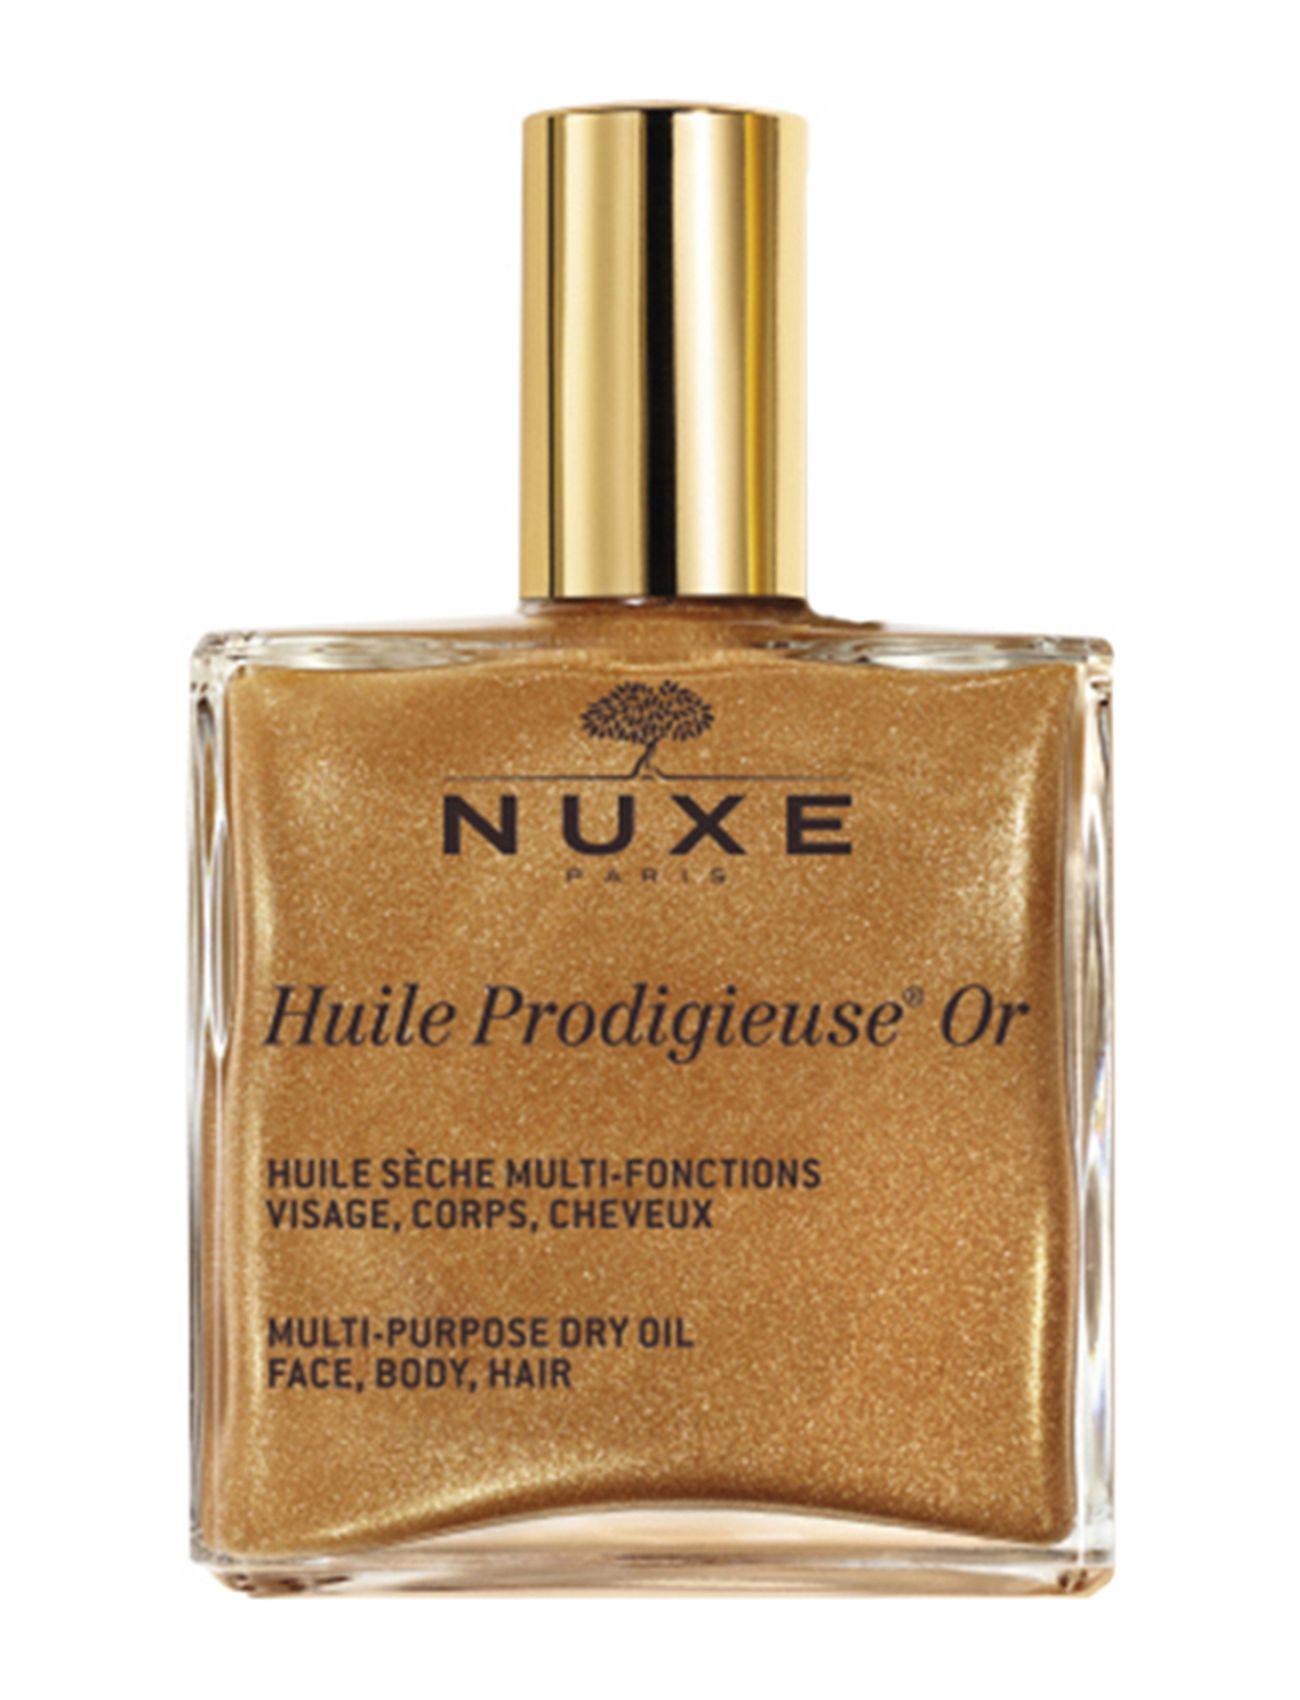 Huile prodigieuse gold dry oil 100 ml fra nuxe fra boozt.com dk